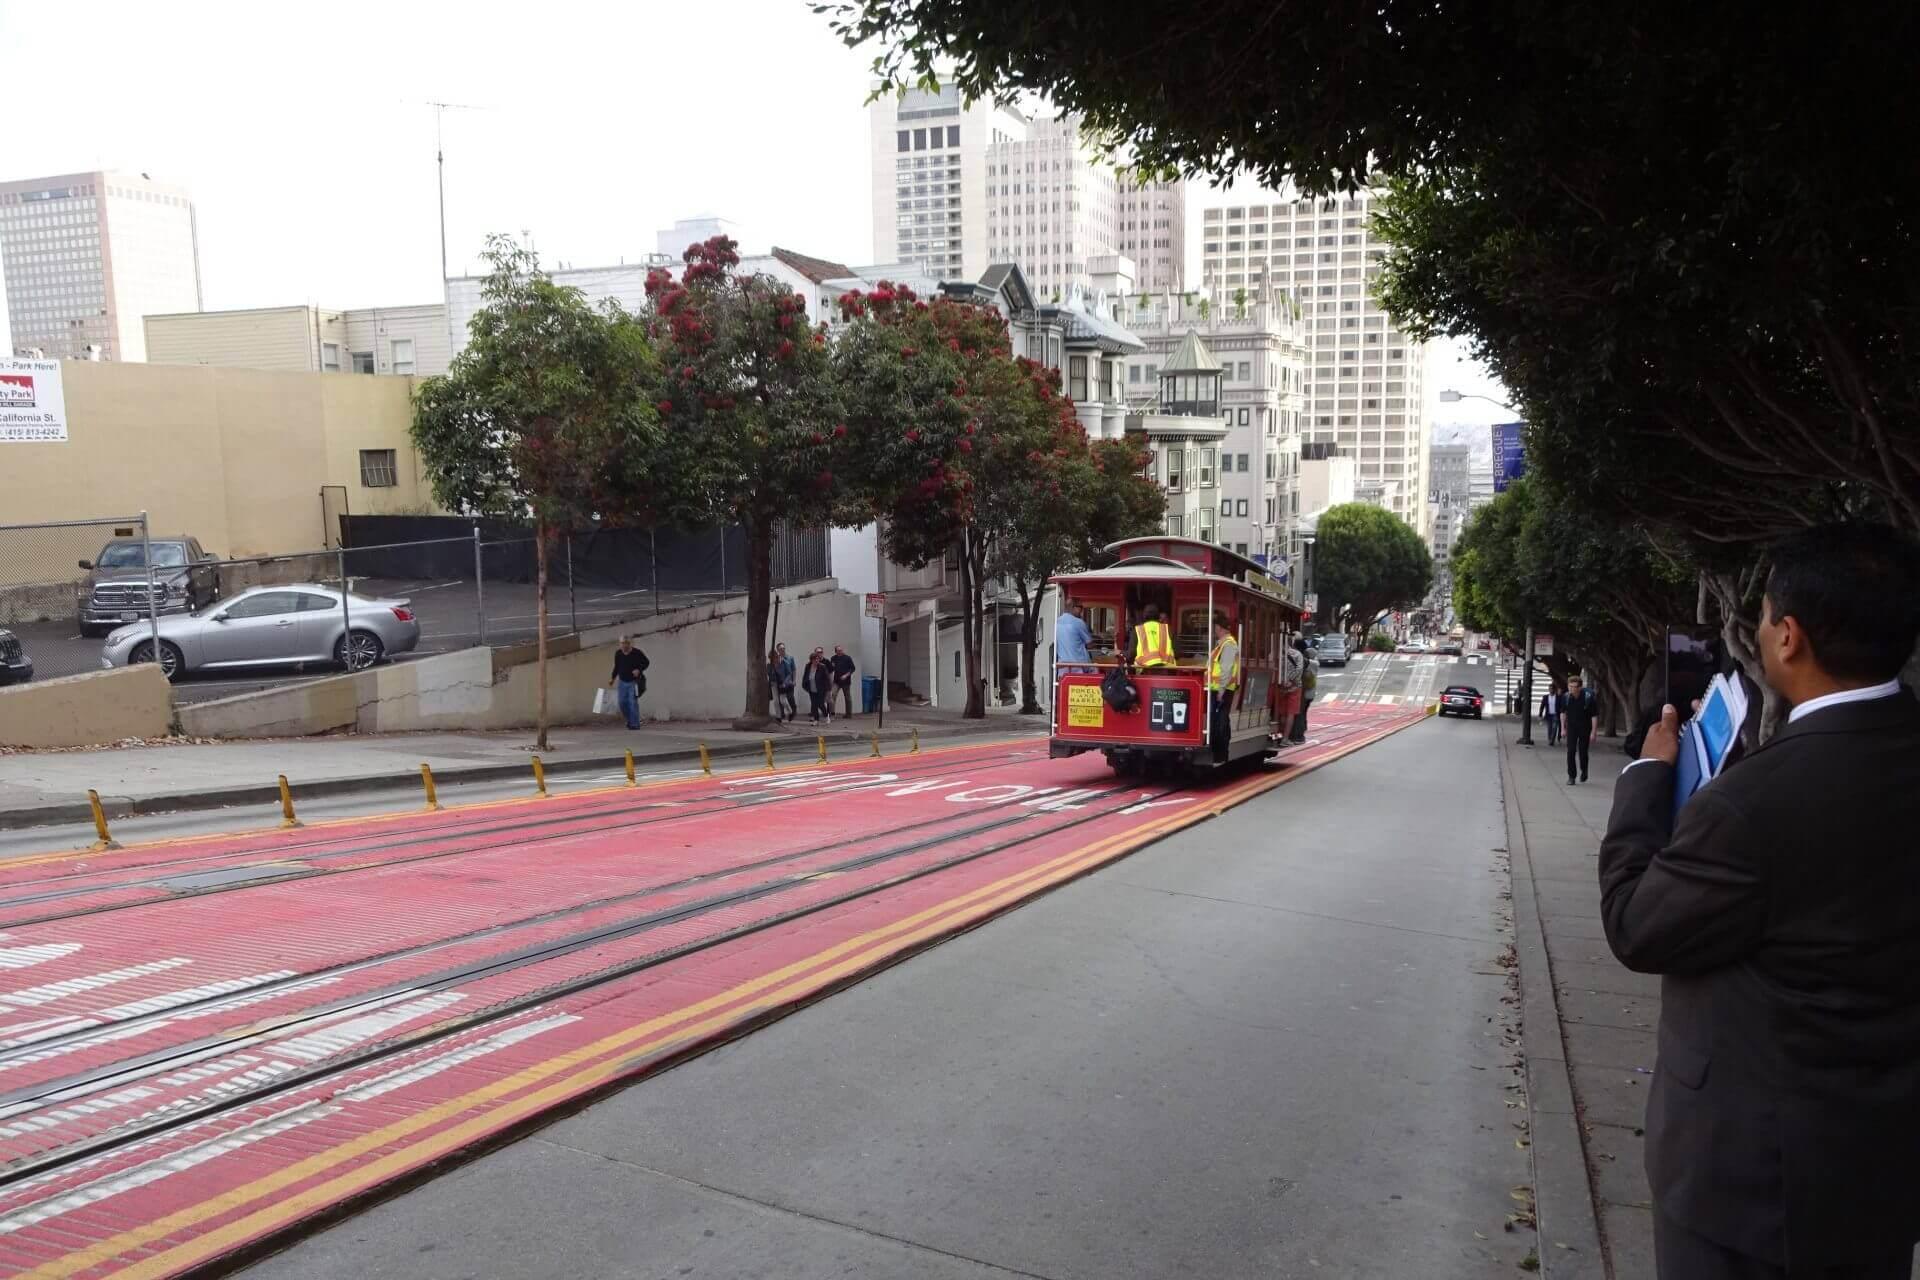 Cable Cars. Bilder und Eindrücke aus San Francisco, California, United States.